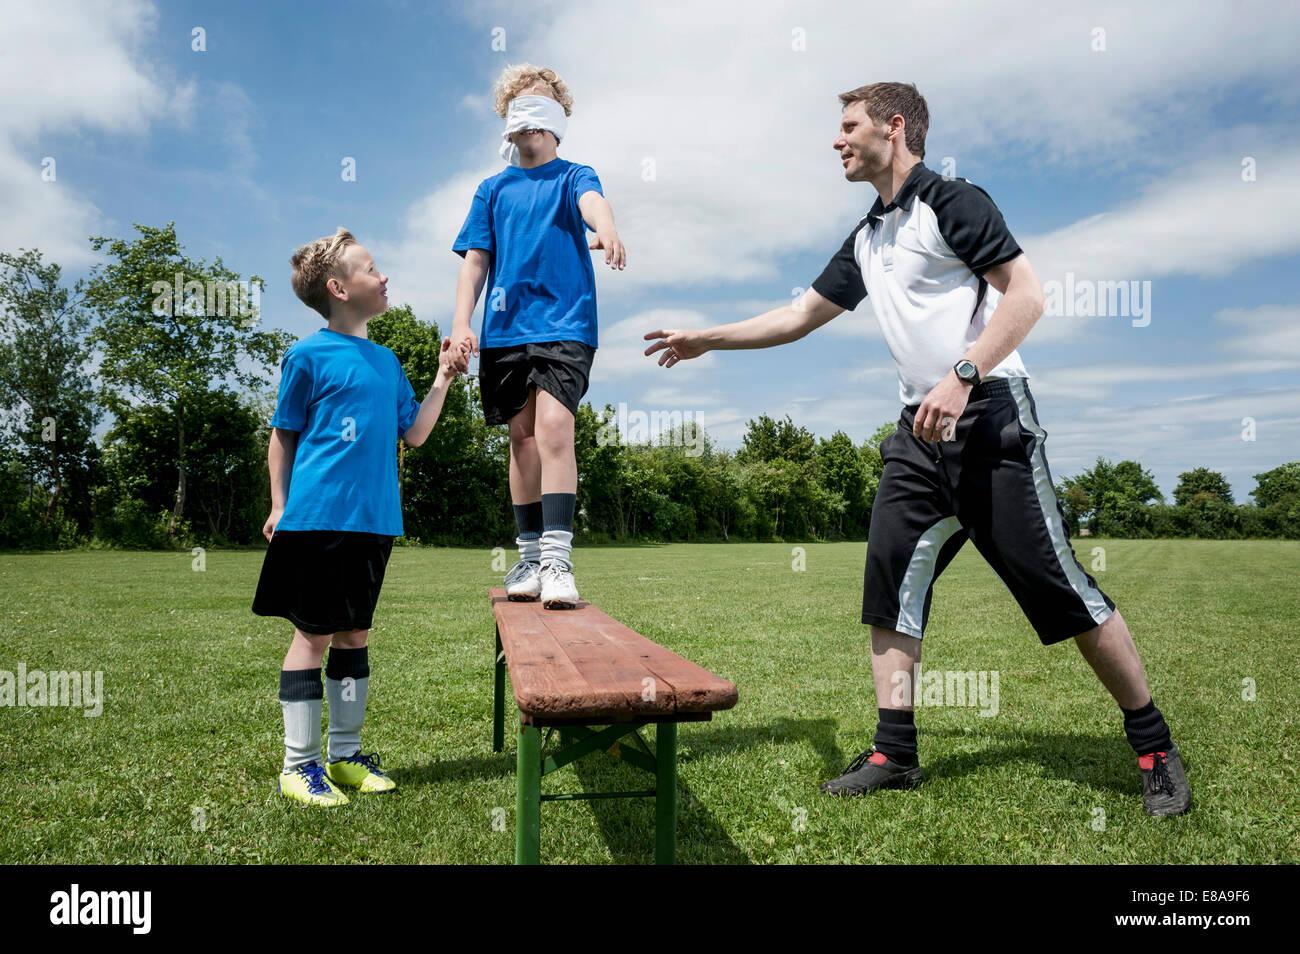 Entraîneur de football l'enseignement aux jeunes confiance joueur Photo Stock